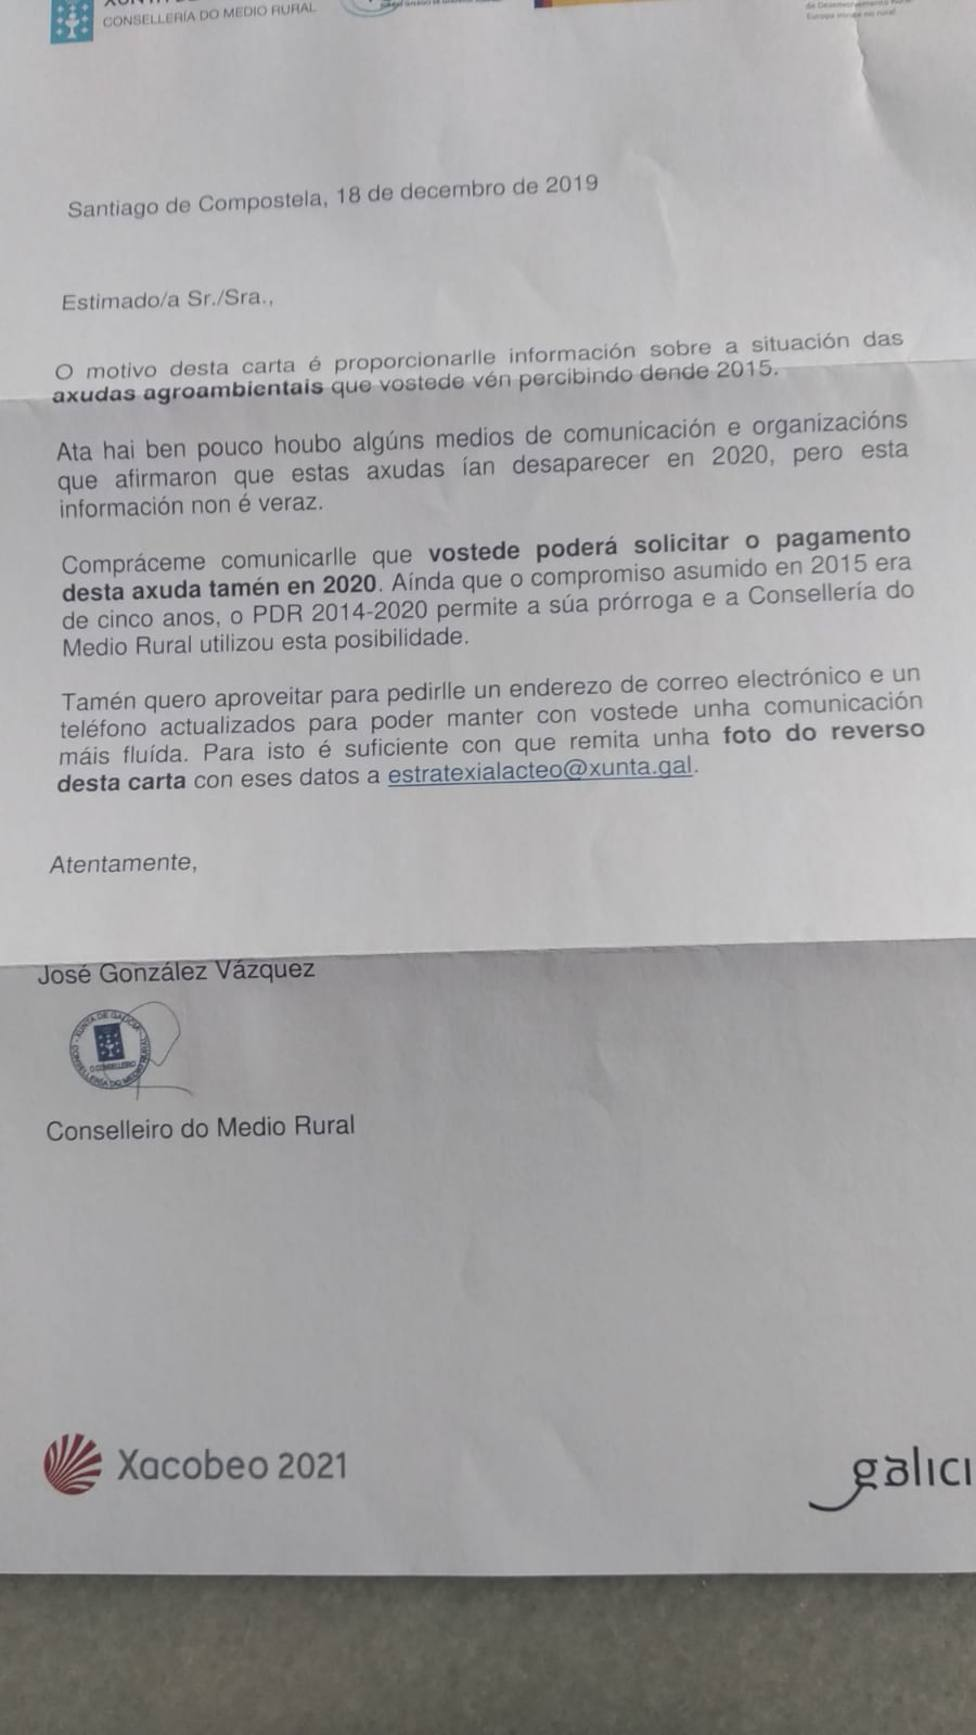 UU.AA acusa a la Xunta de electoralismo por la carta para informar de la prórroga en ayudas agroambientales